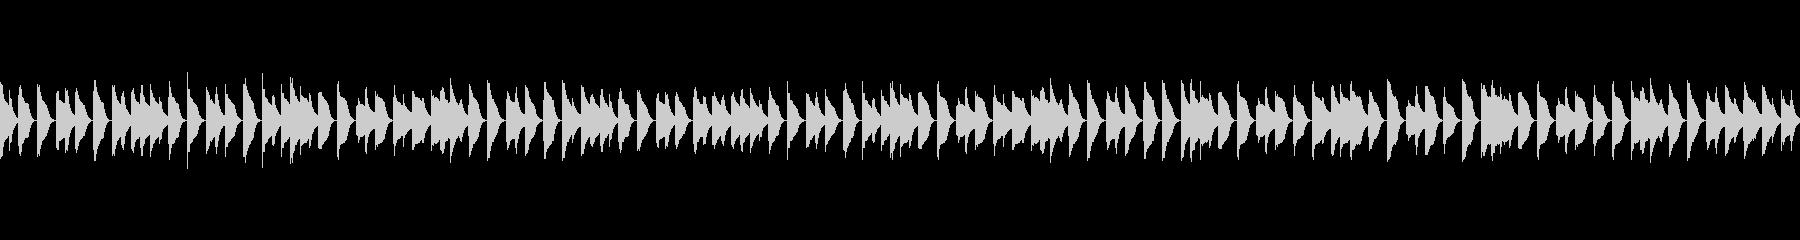 ほのぼのとした日常系ジングル2(ループ)の未再生の波形